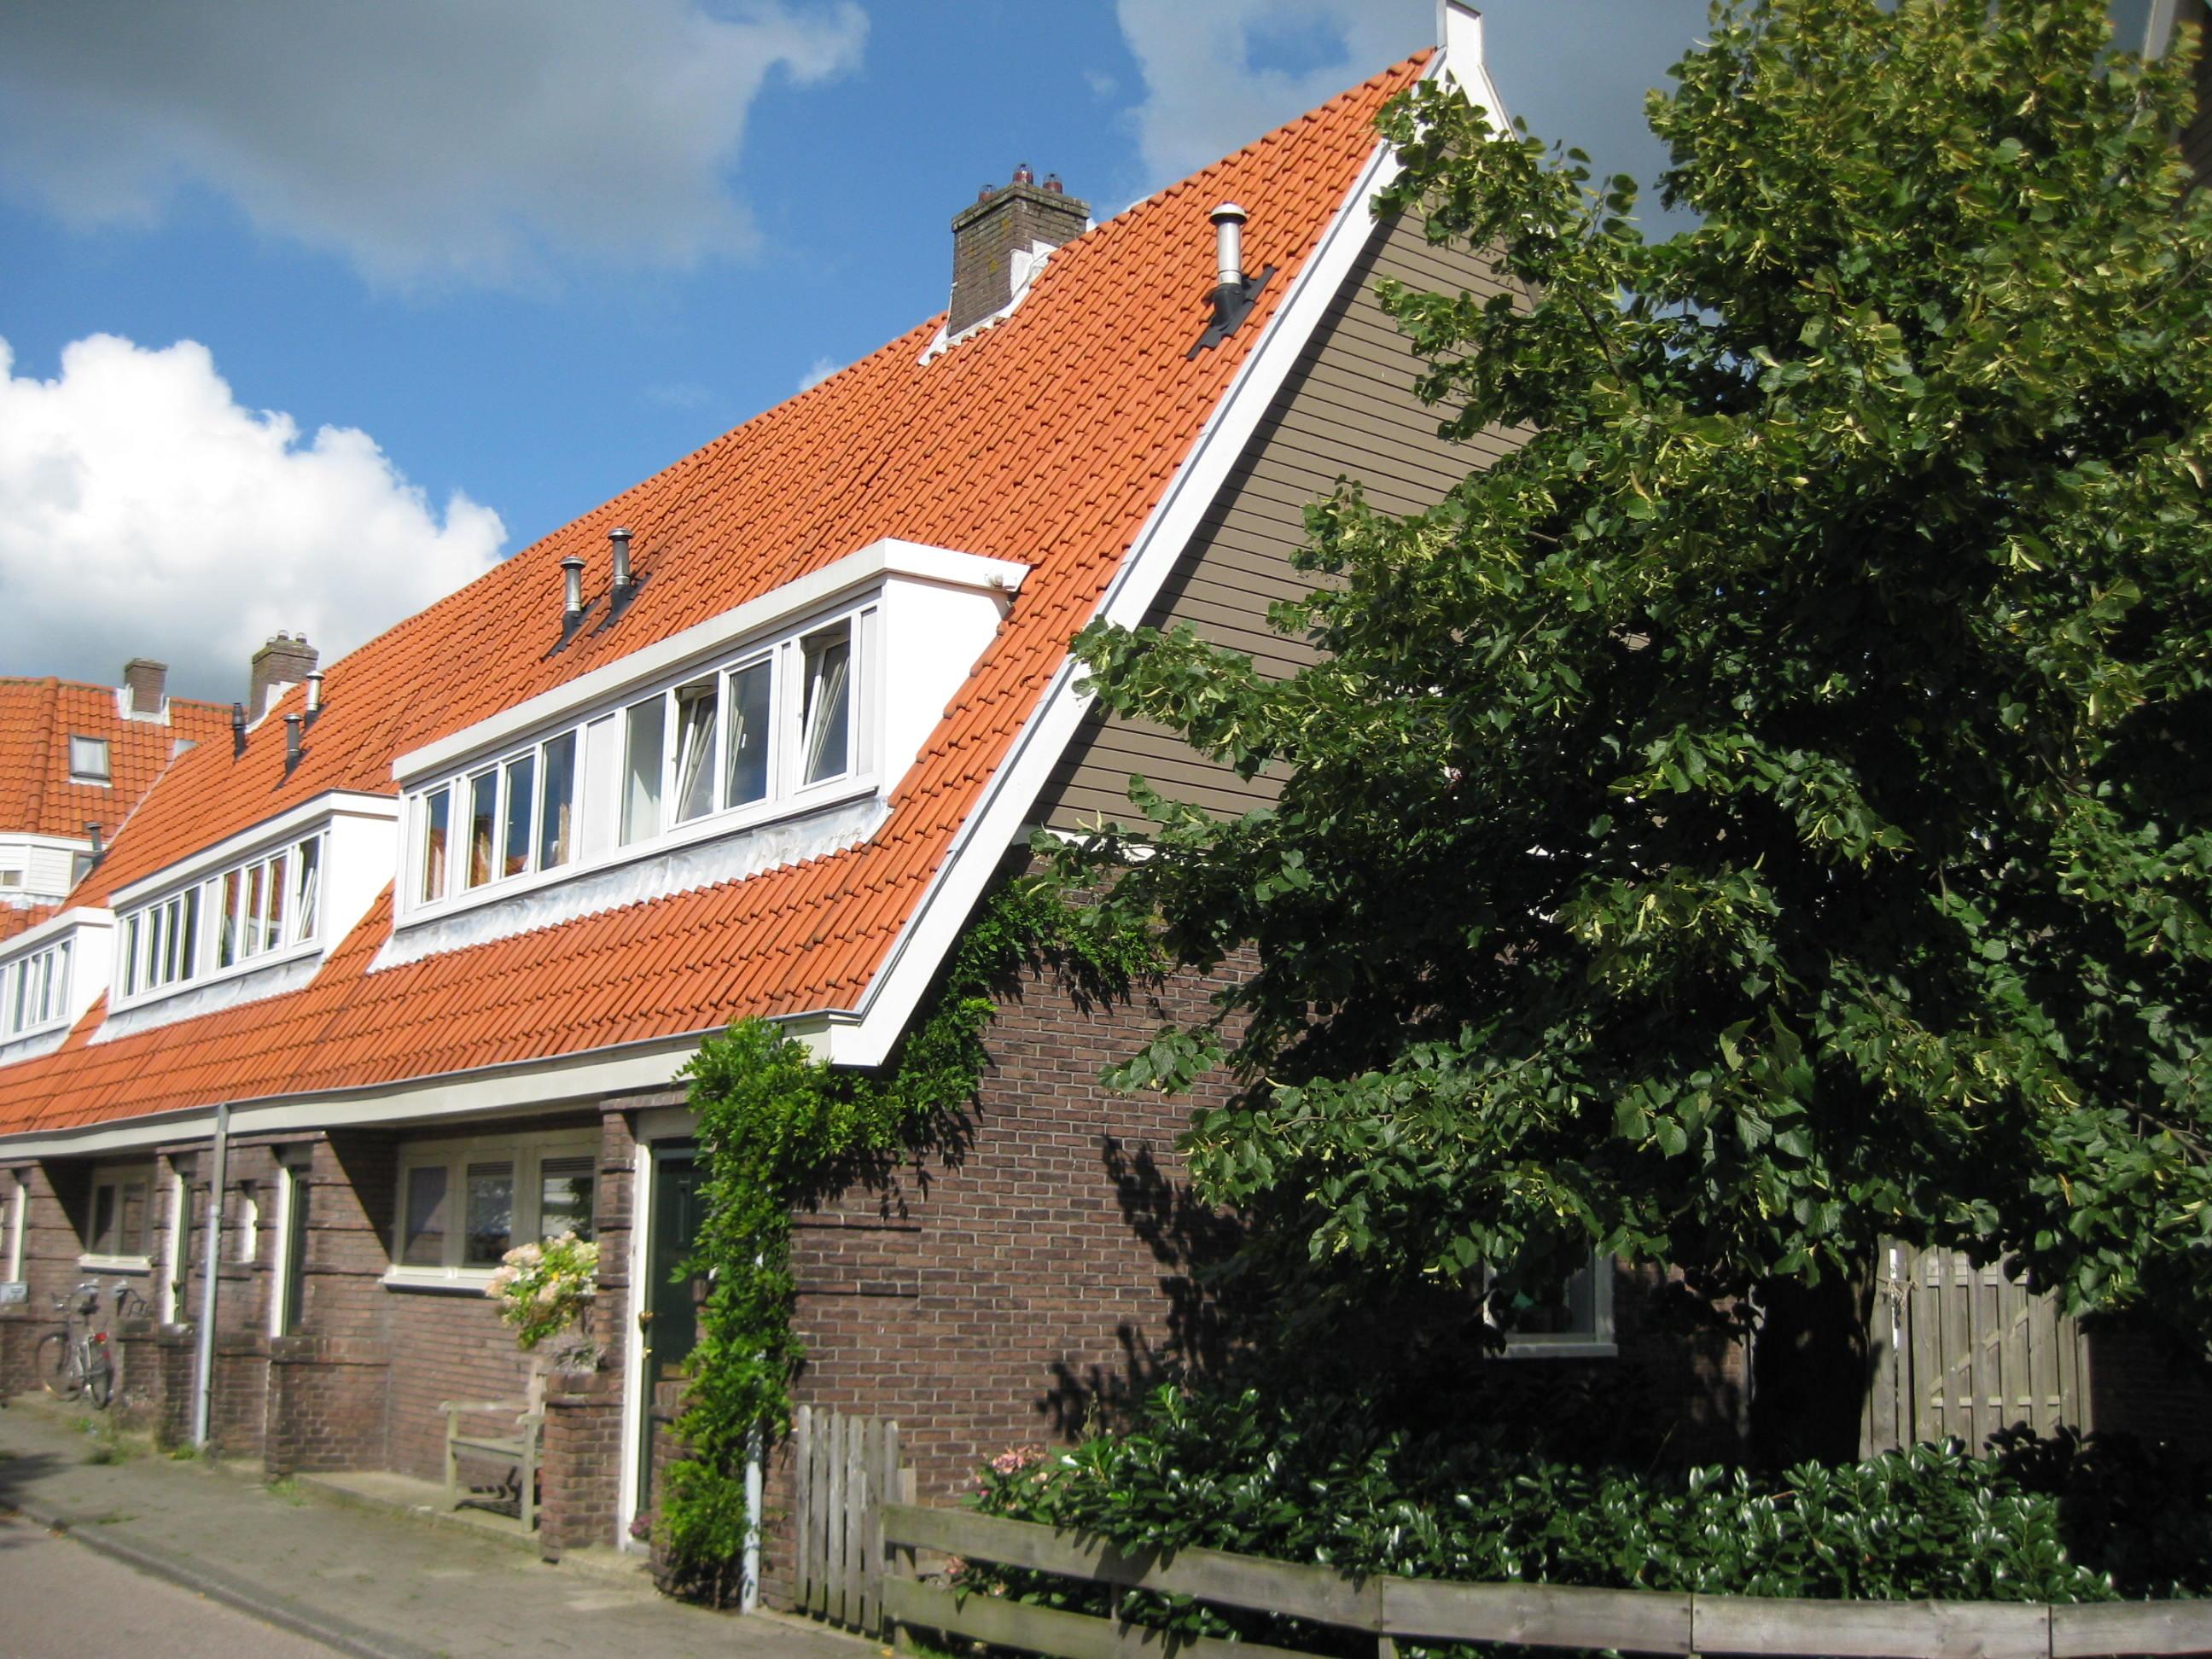 Blok met 6 keukenwoningen, zo genoemd vanwege destijds nieuwe ...